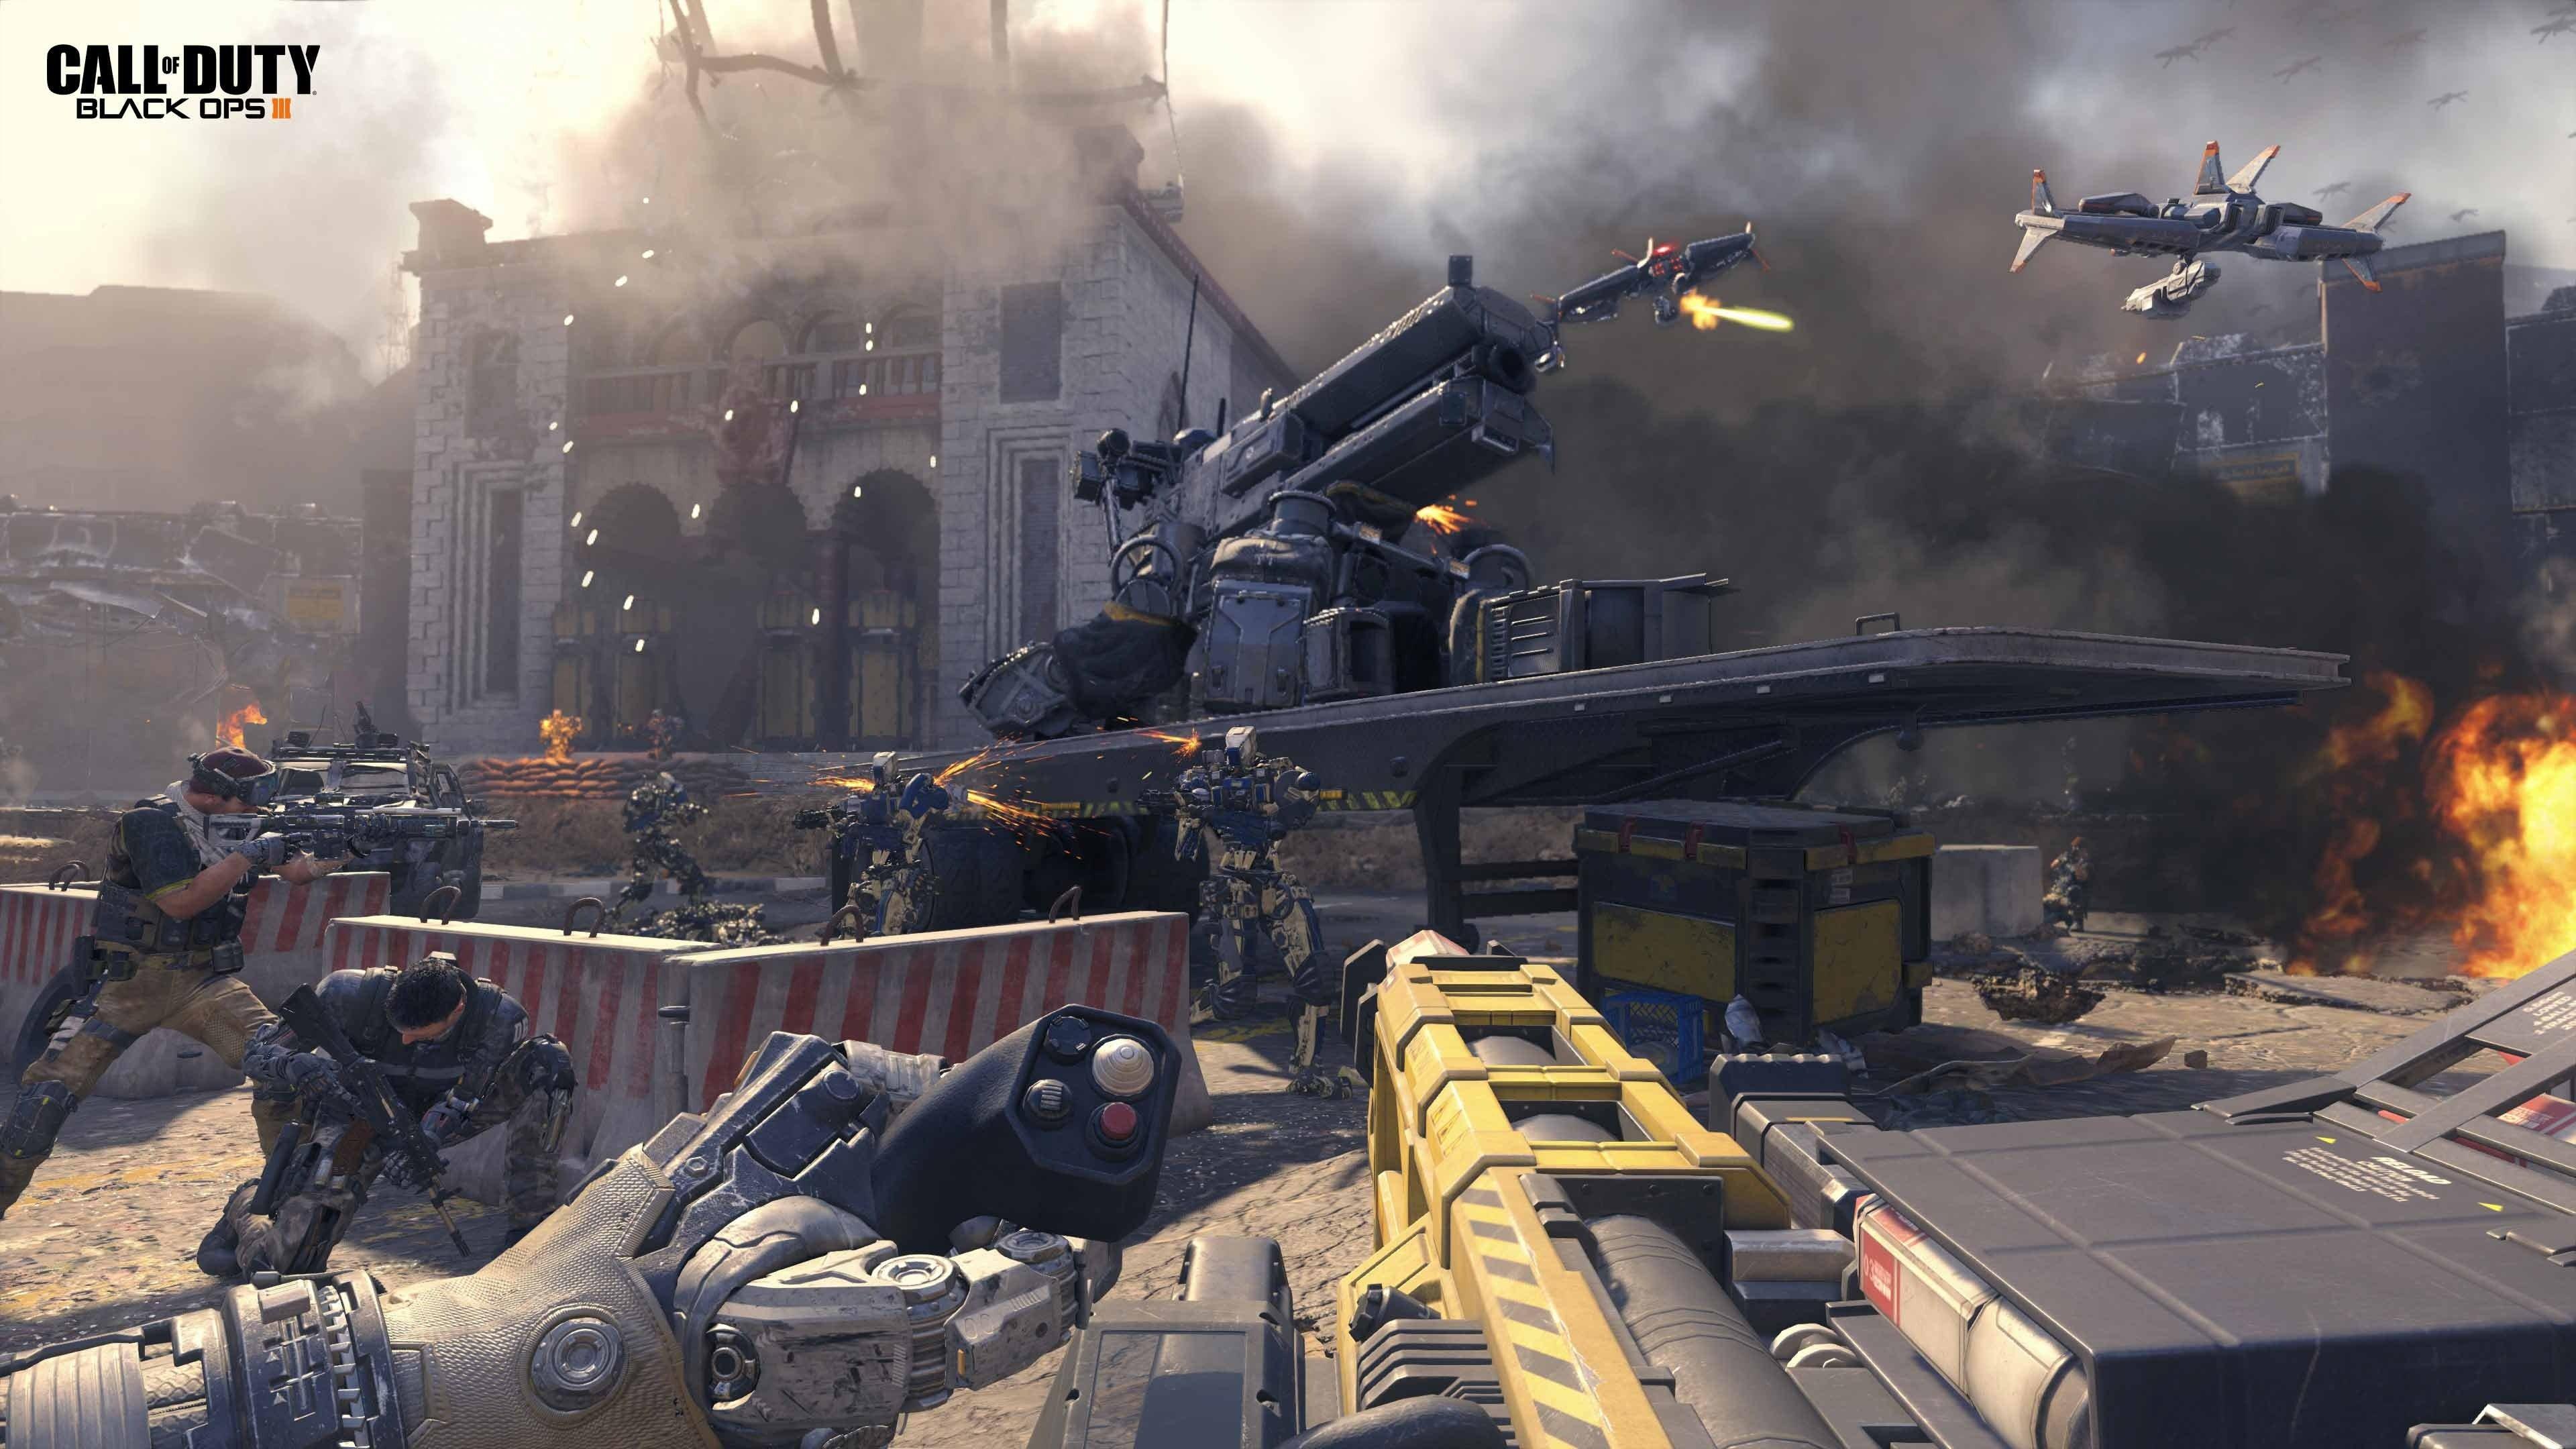 Впечатления от Call of Duty: Black Ops 3 - Изображение 2